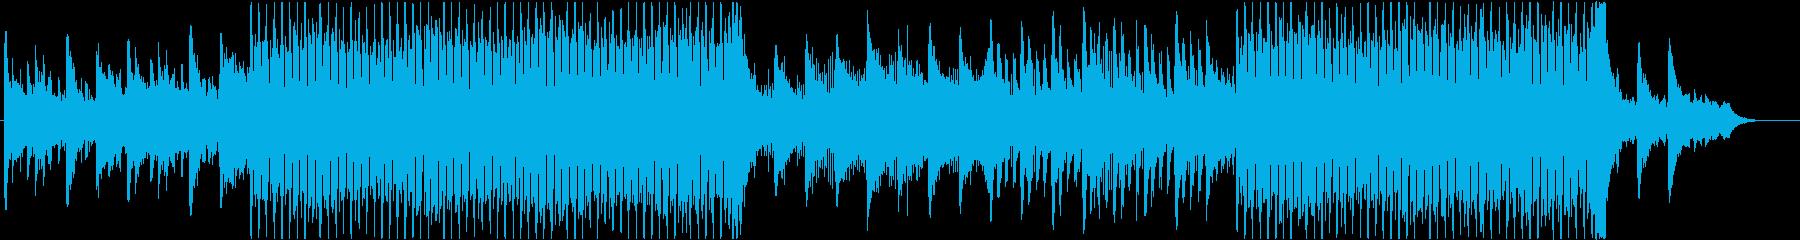 ピアノとシンセのアルペジオの再生済みの波形